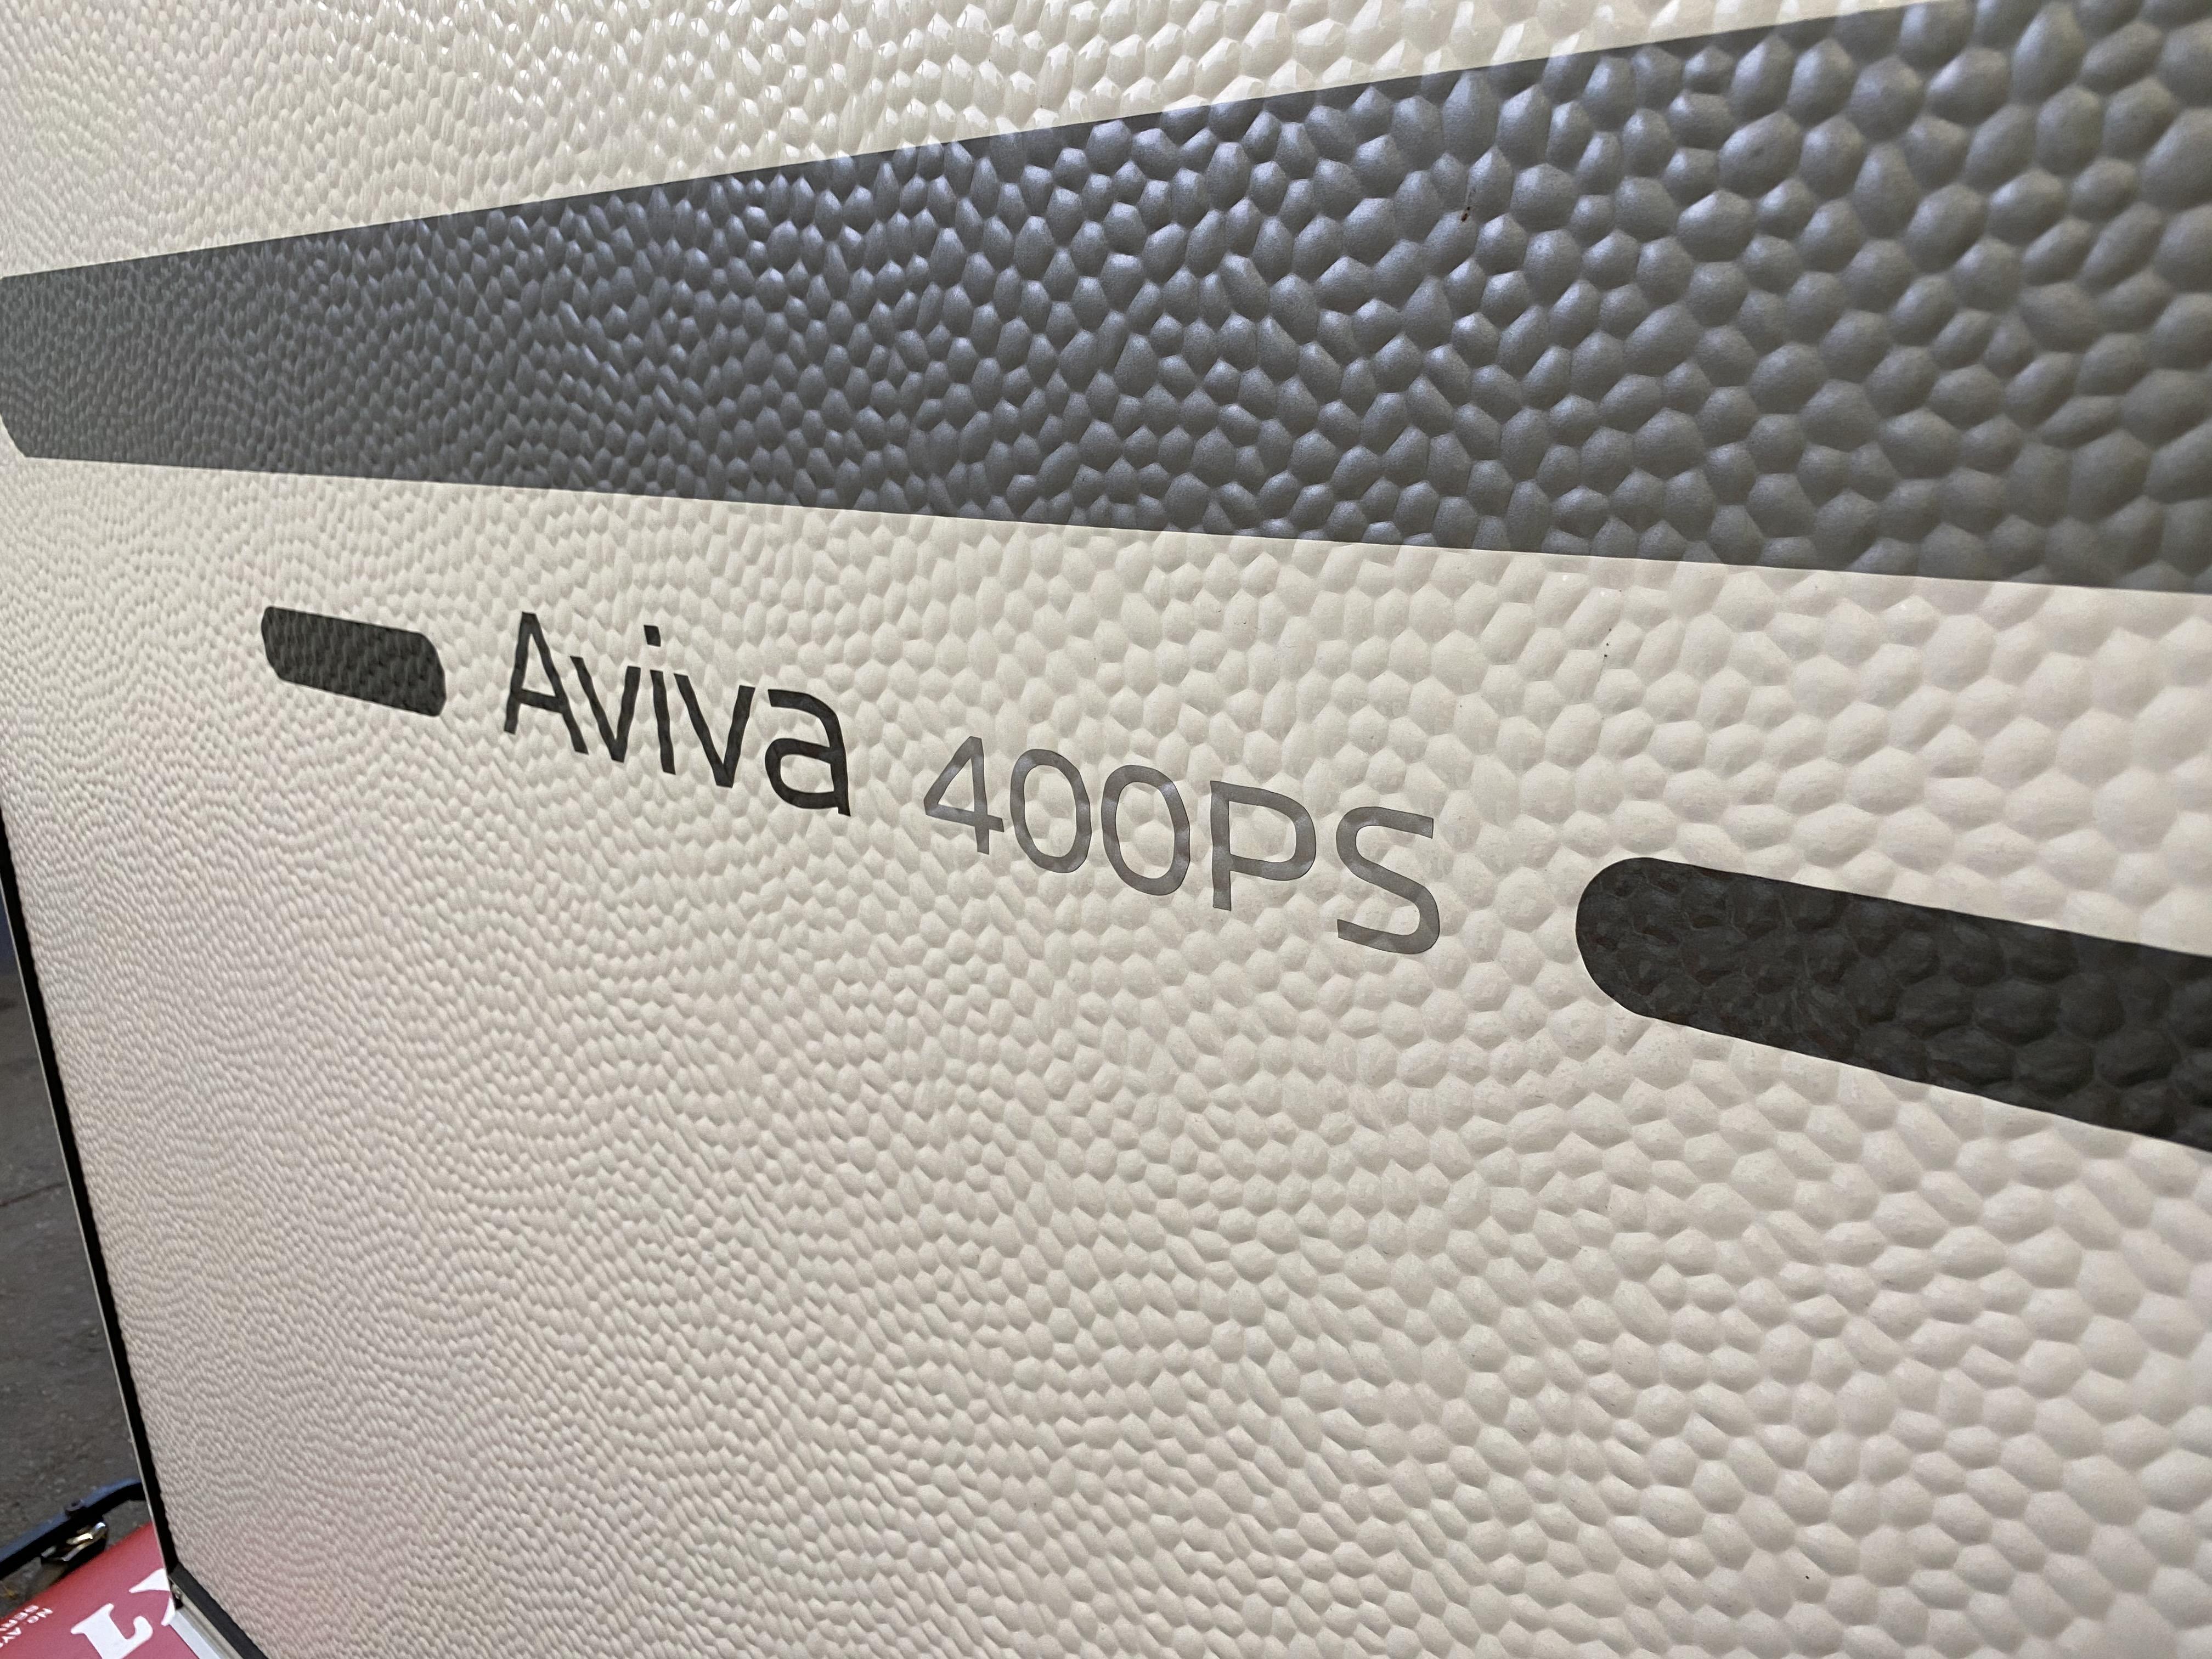 ADRIA Aviva400 PS エアコンインストール